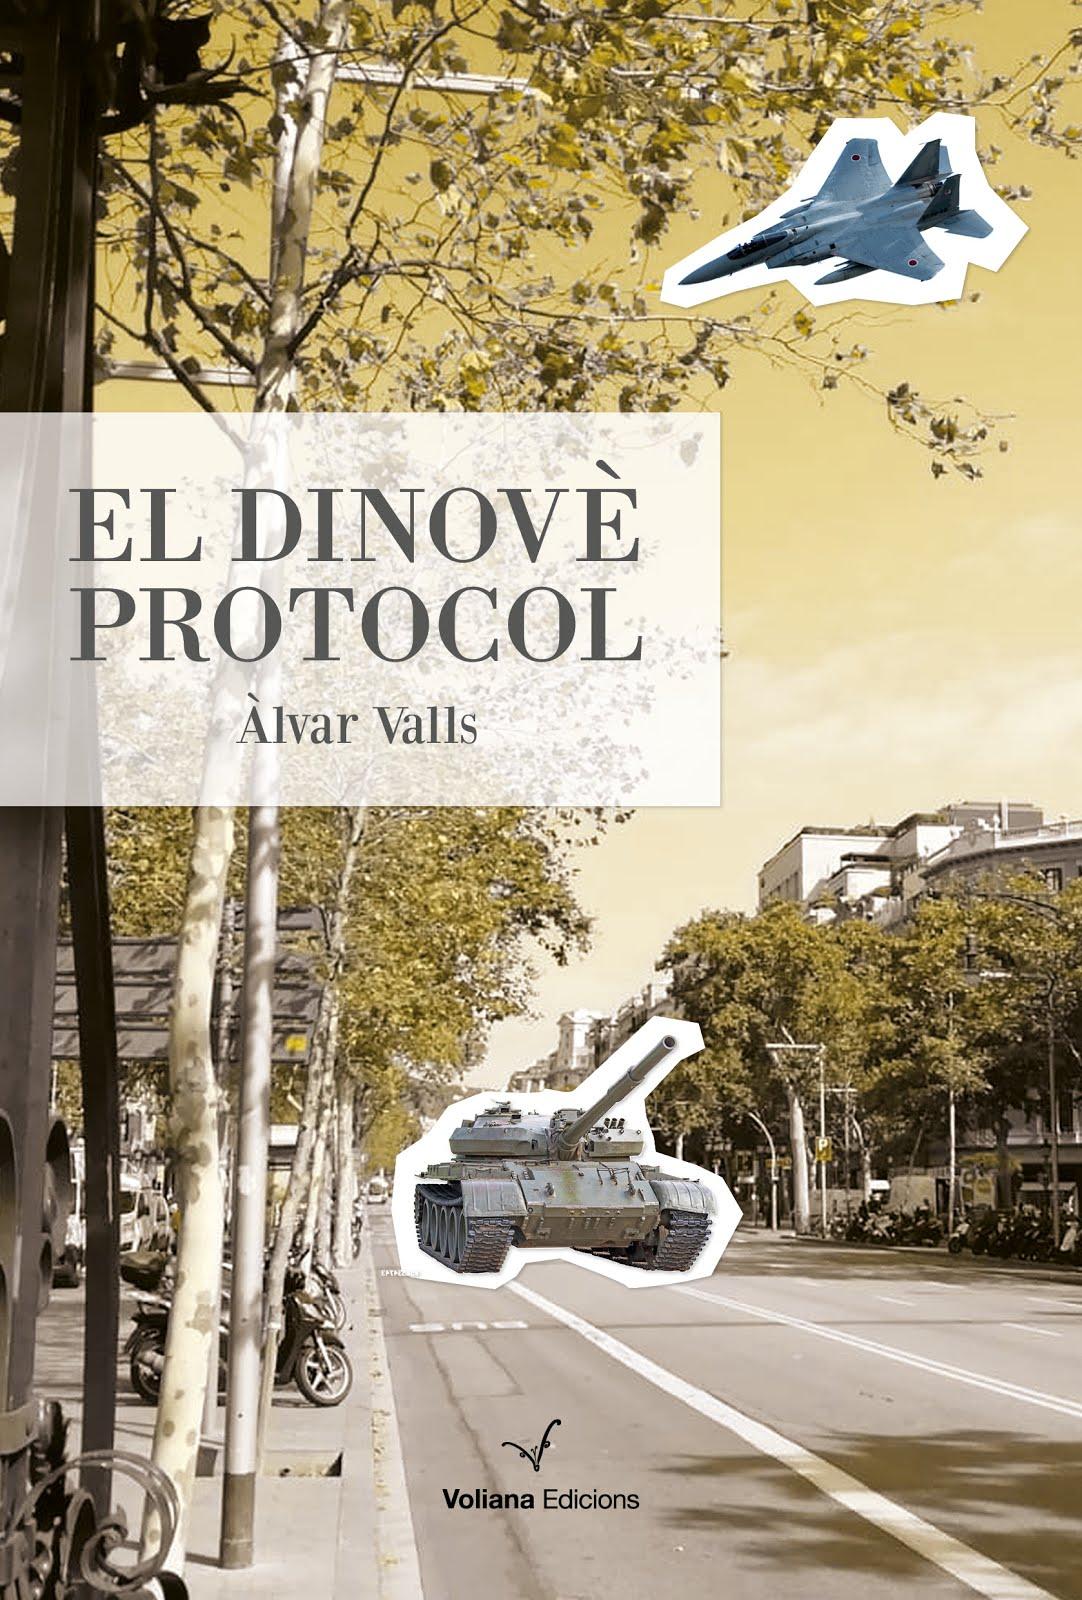 El dinovè protocol